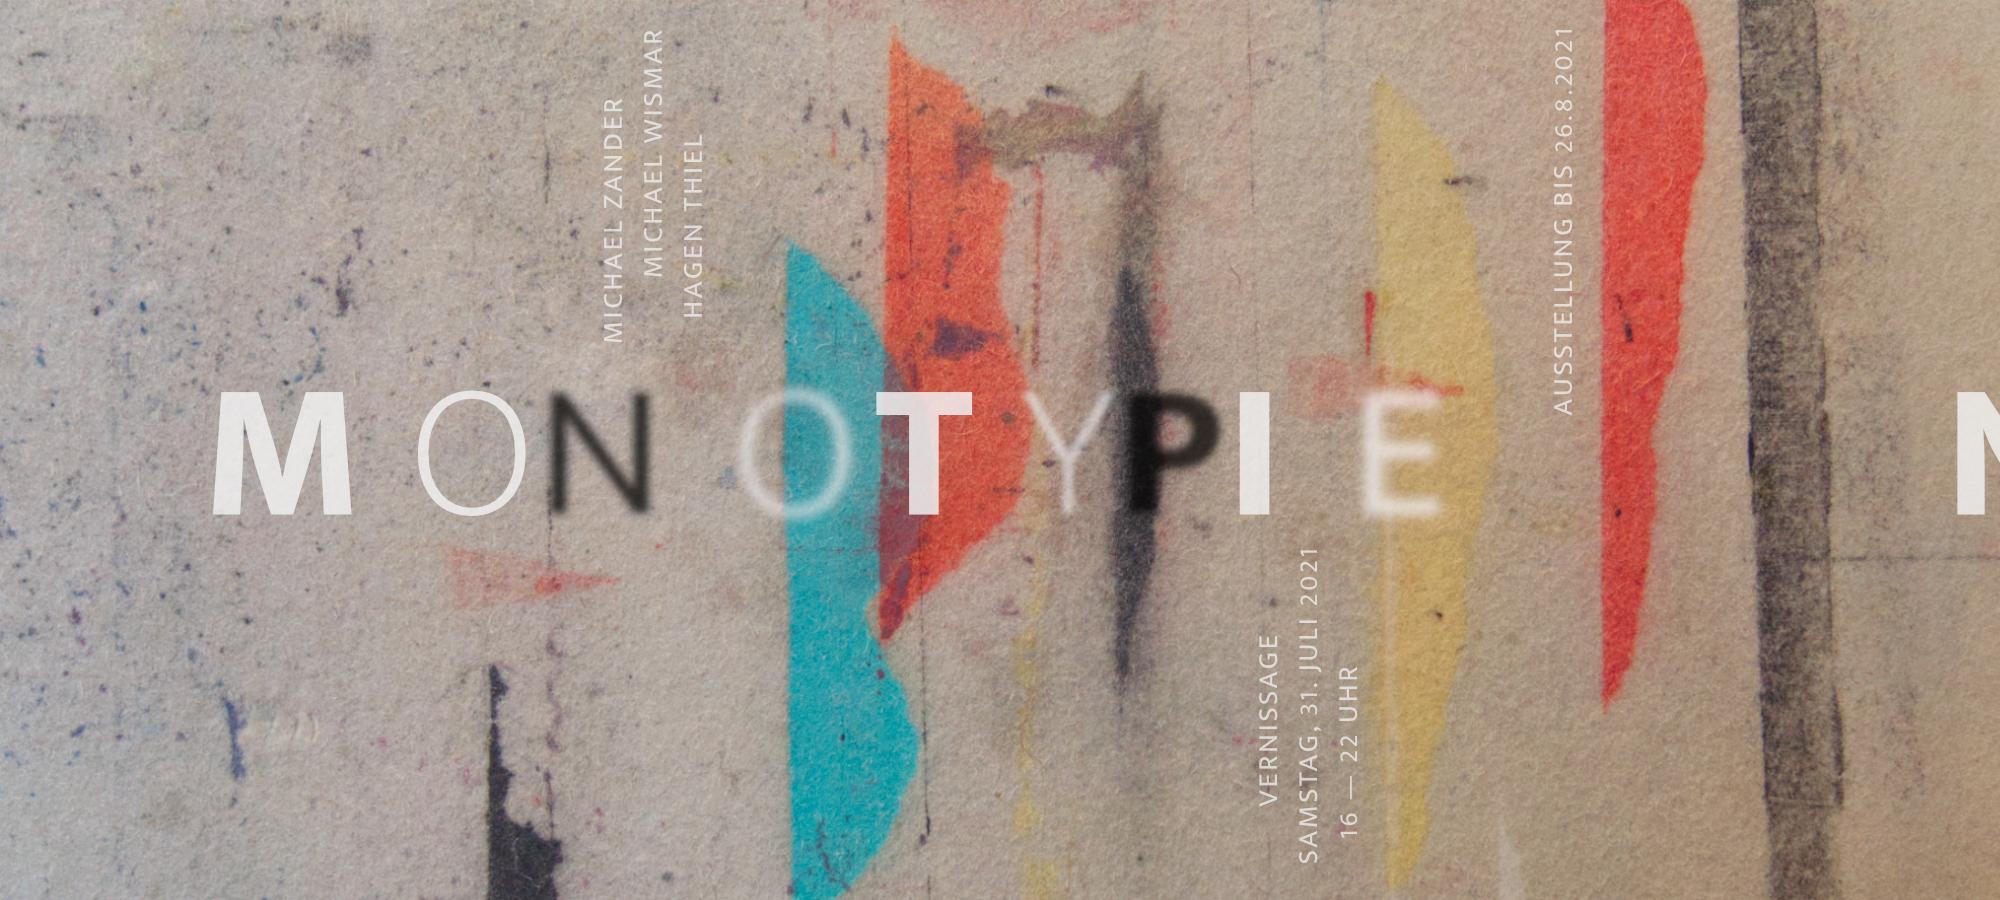 MONOTYPIE-Banner-01